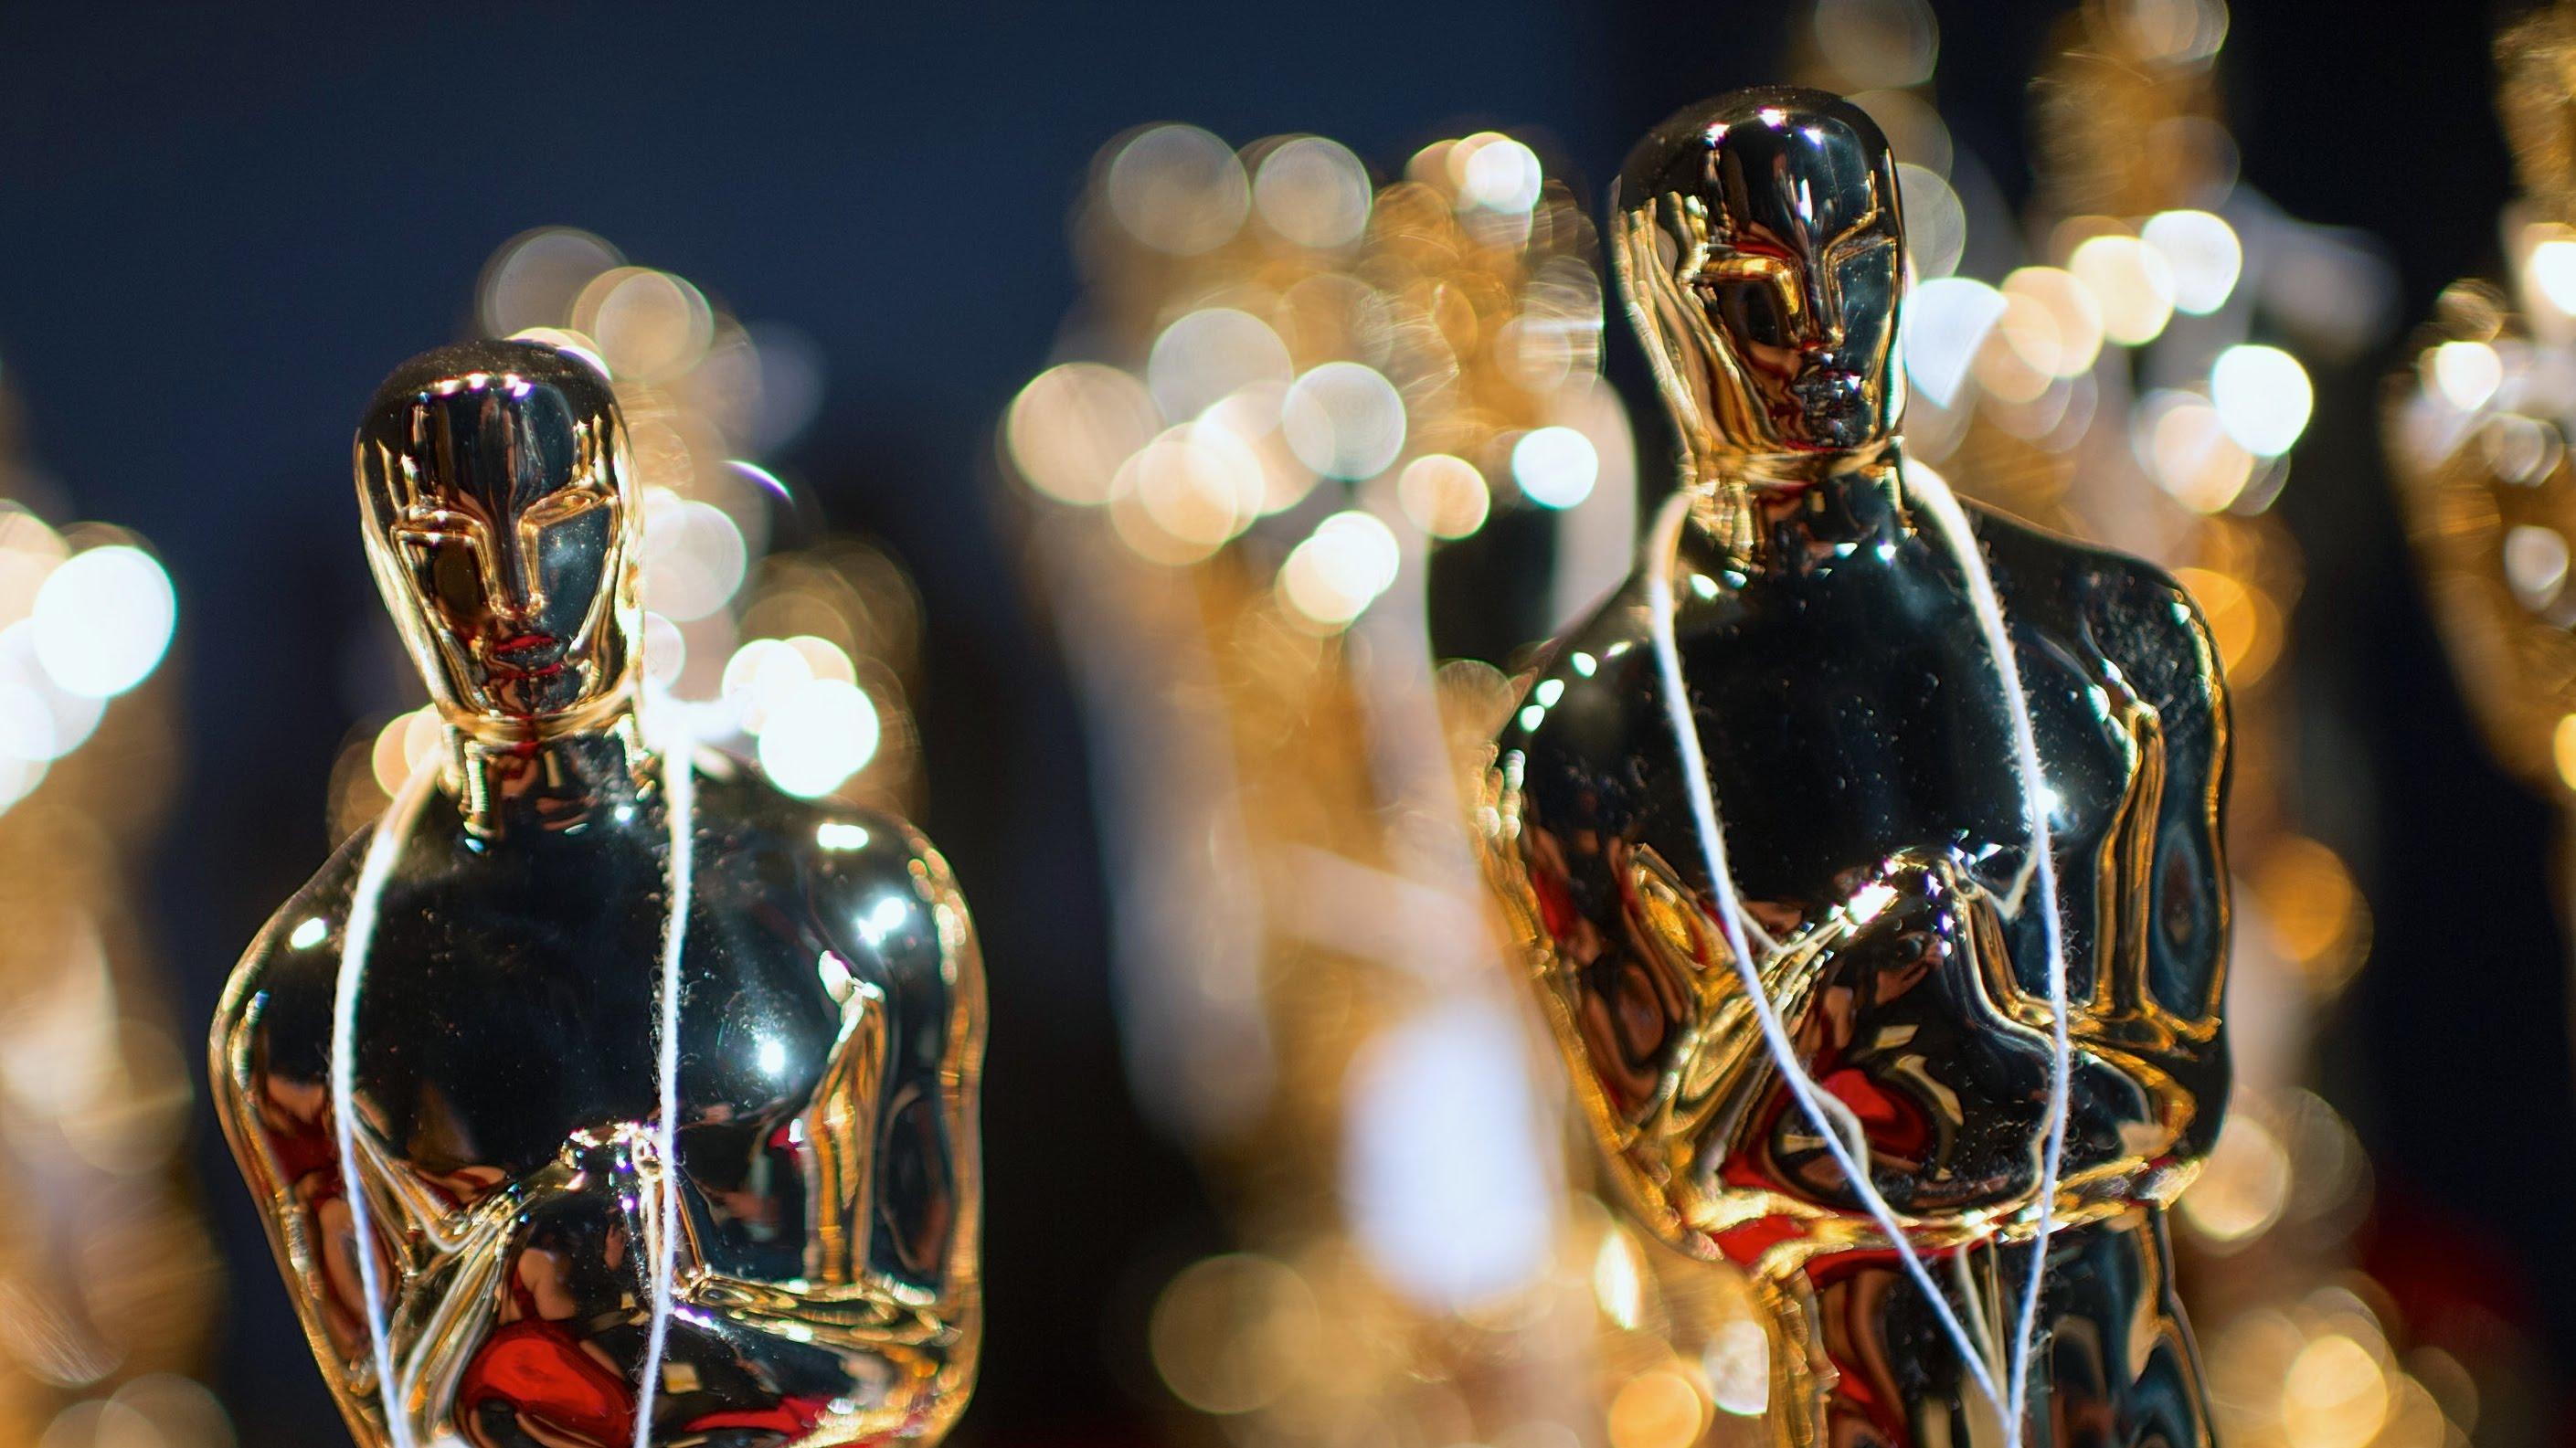 Лучшие моменты «Оскара-2015»: статуэтки из Lego, поцелуи Траволты и ведущий в трусах